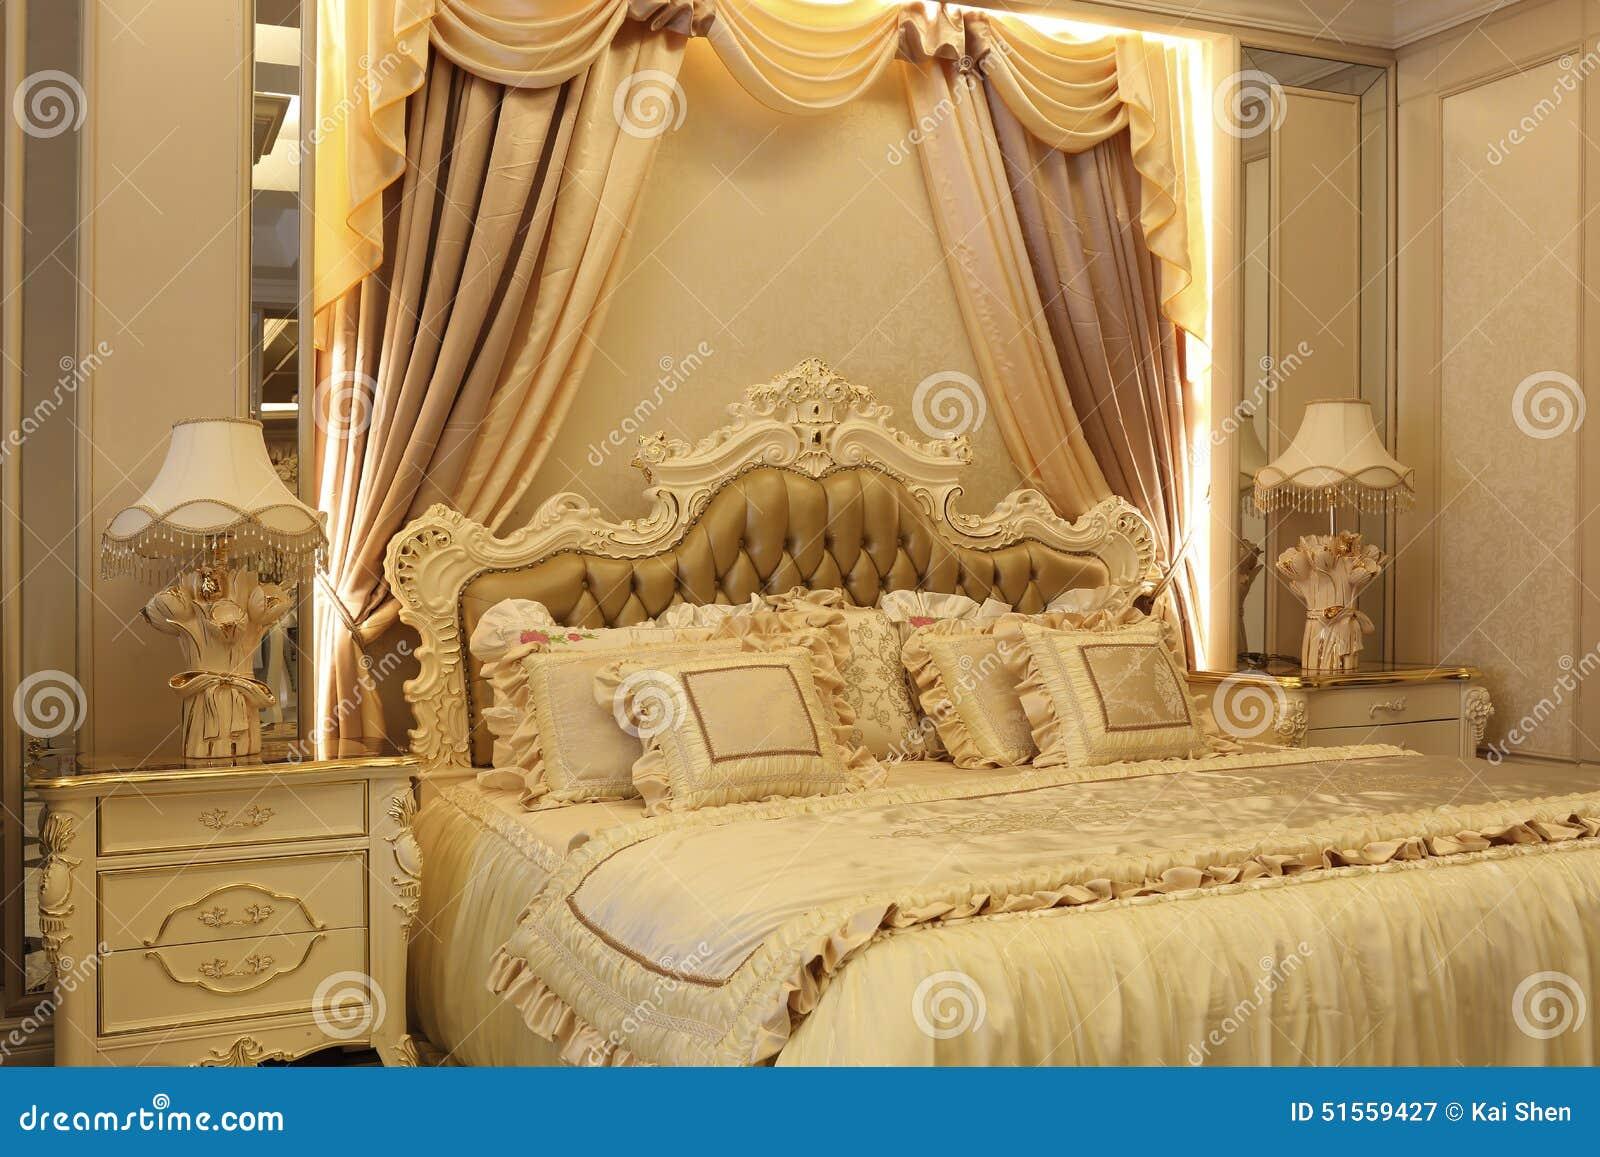 De grootsheid van de slaapkamer stock foto afbeelding 51559427 - Foto van volwassen slaapkamer ...